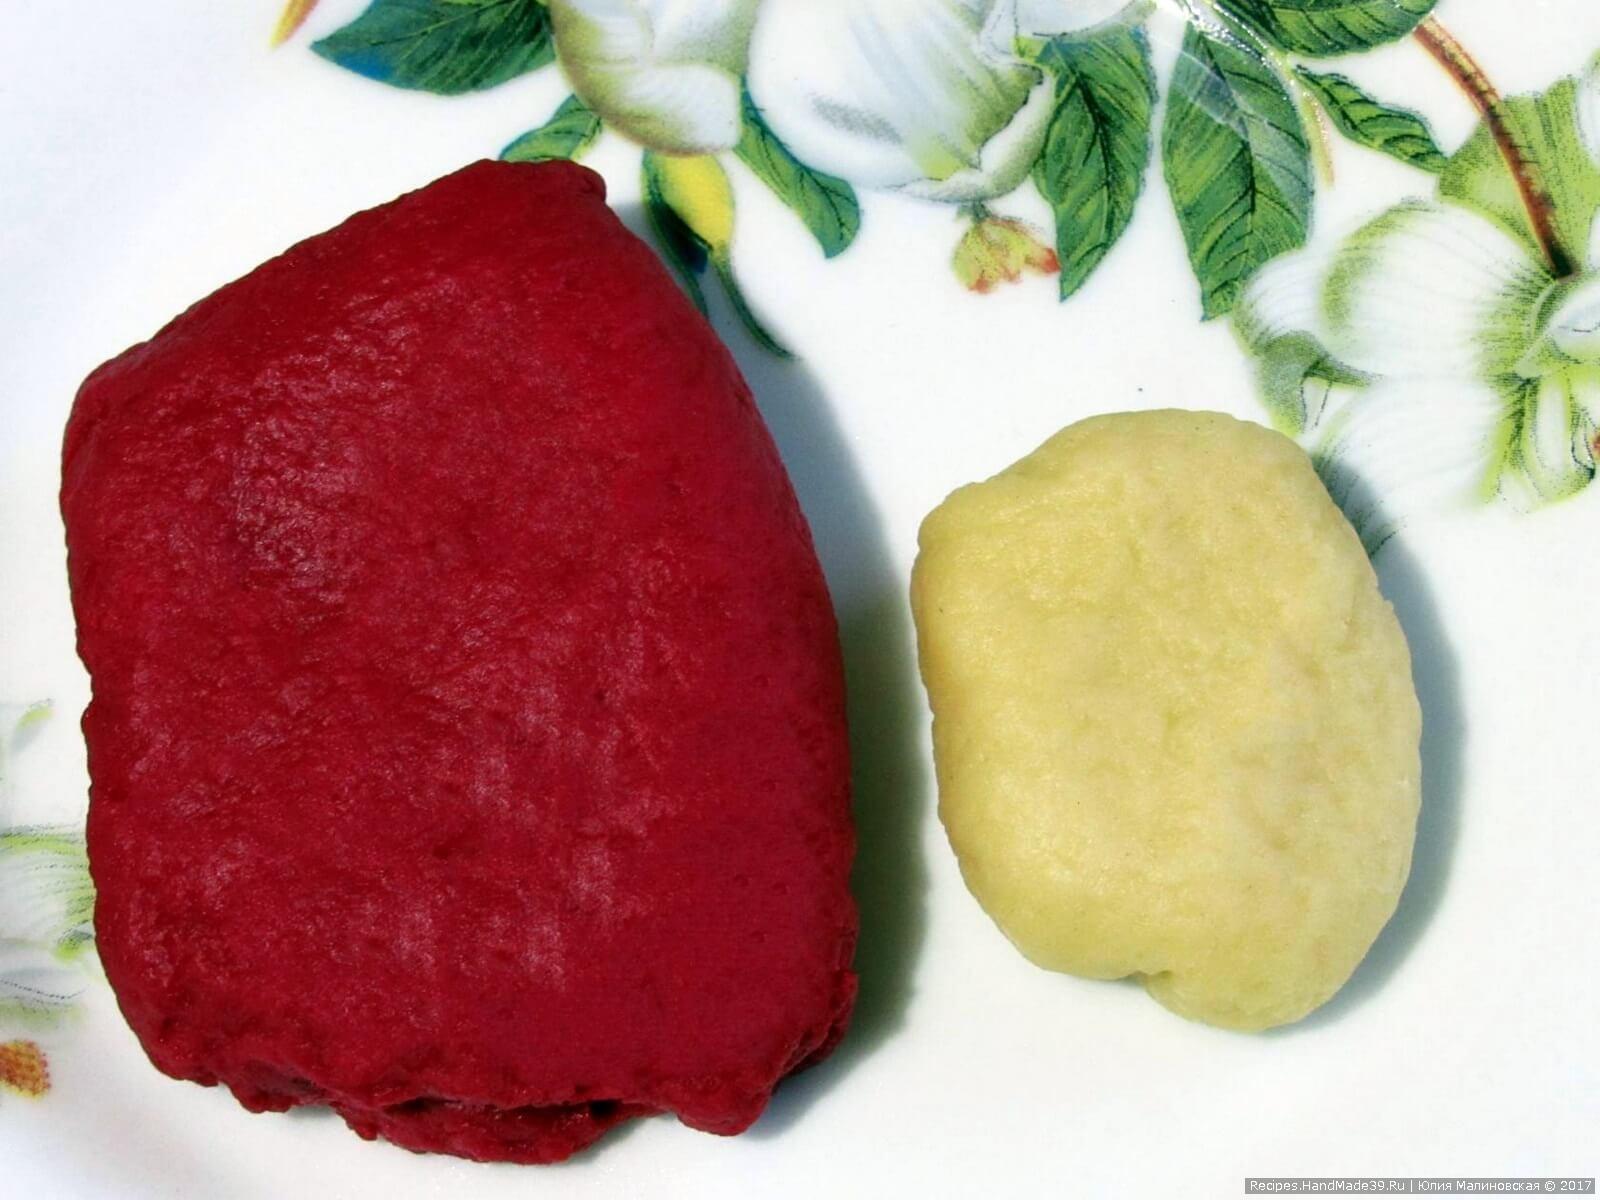 Взять 2/3 теста и окрасить красным пищевым красителем